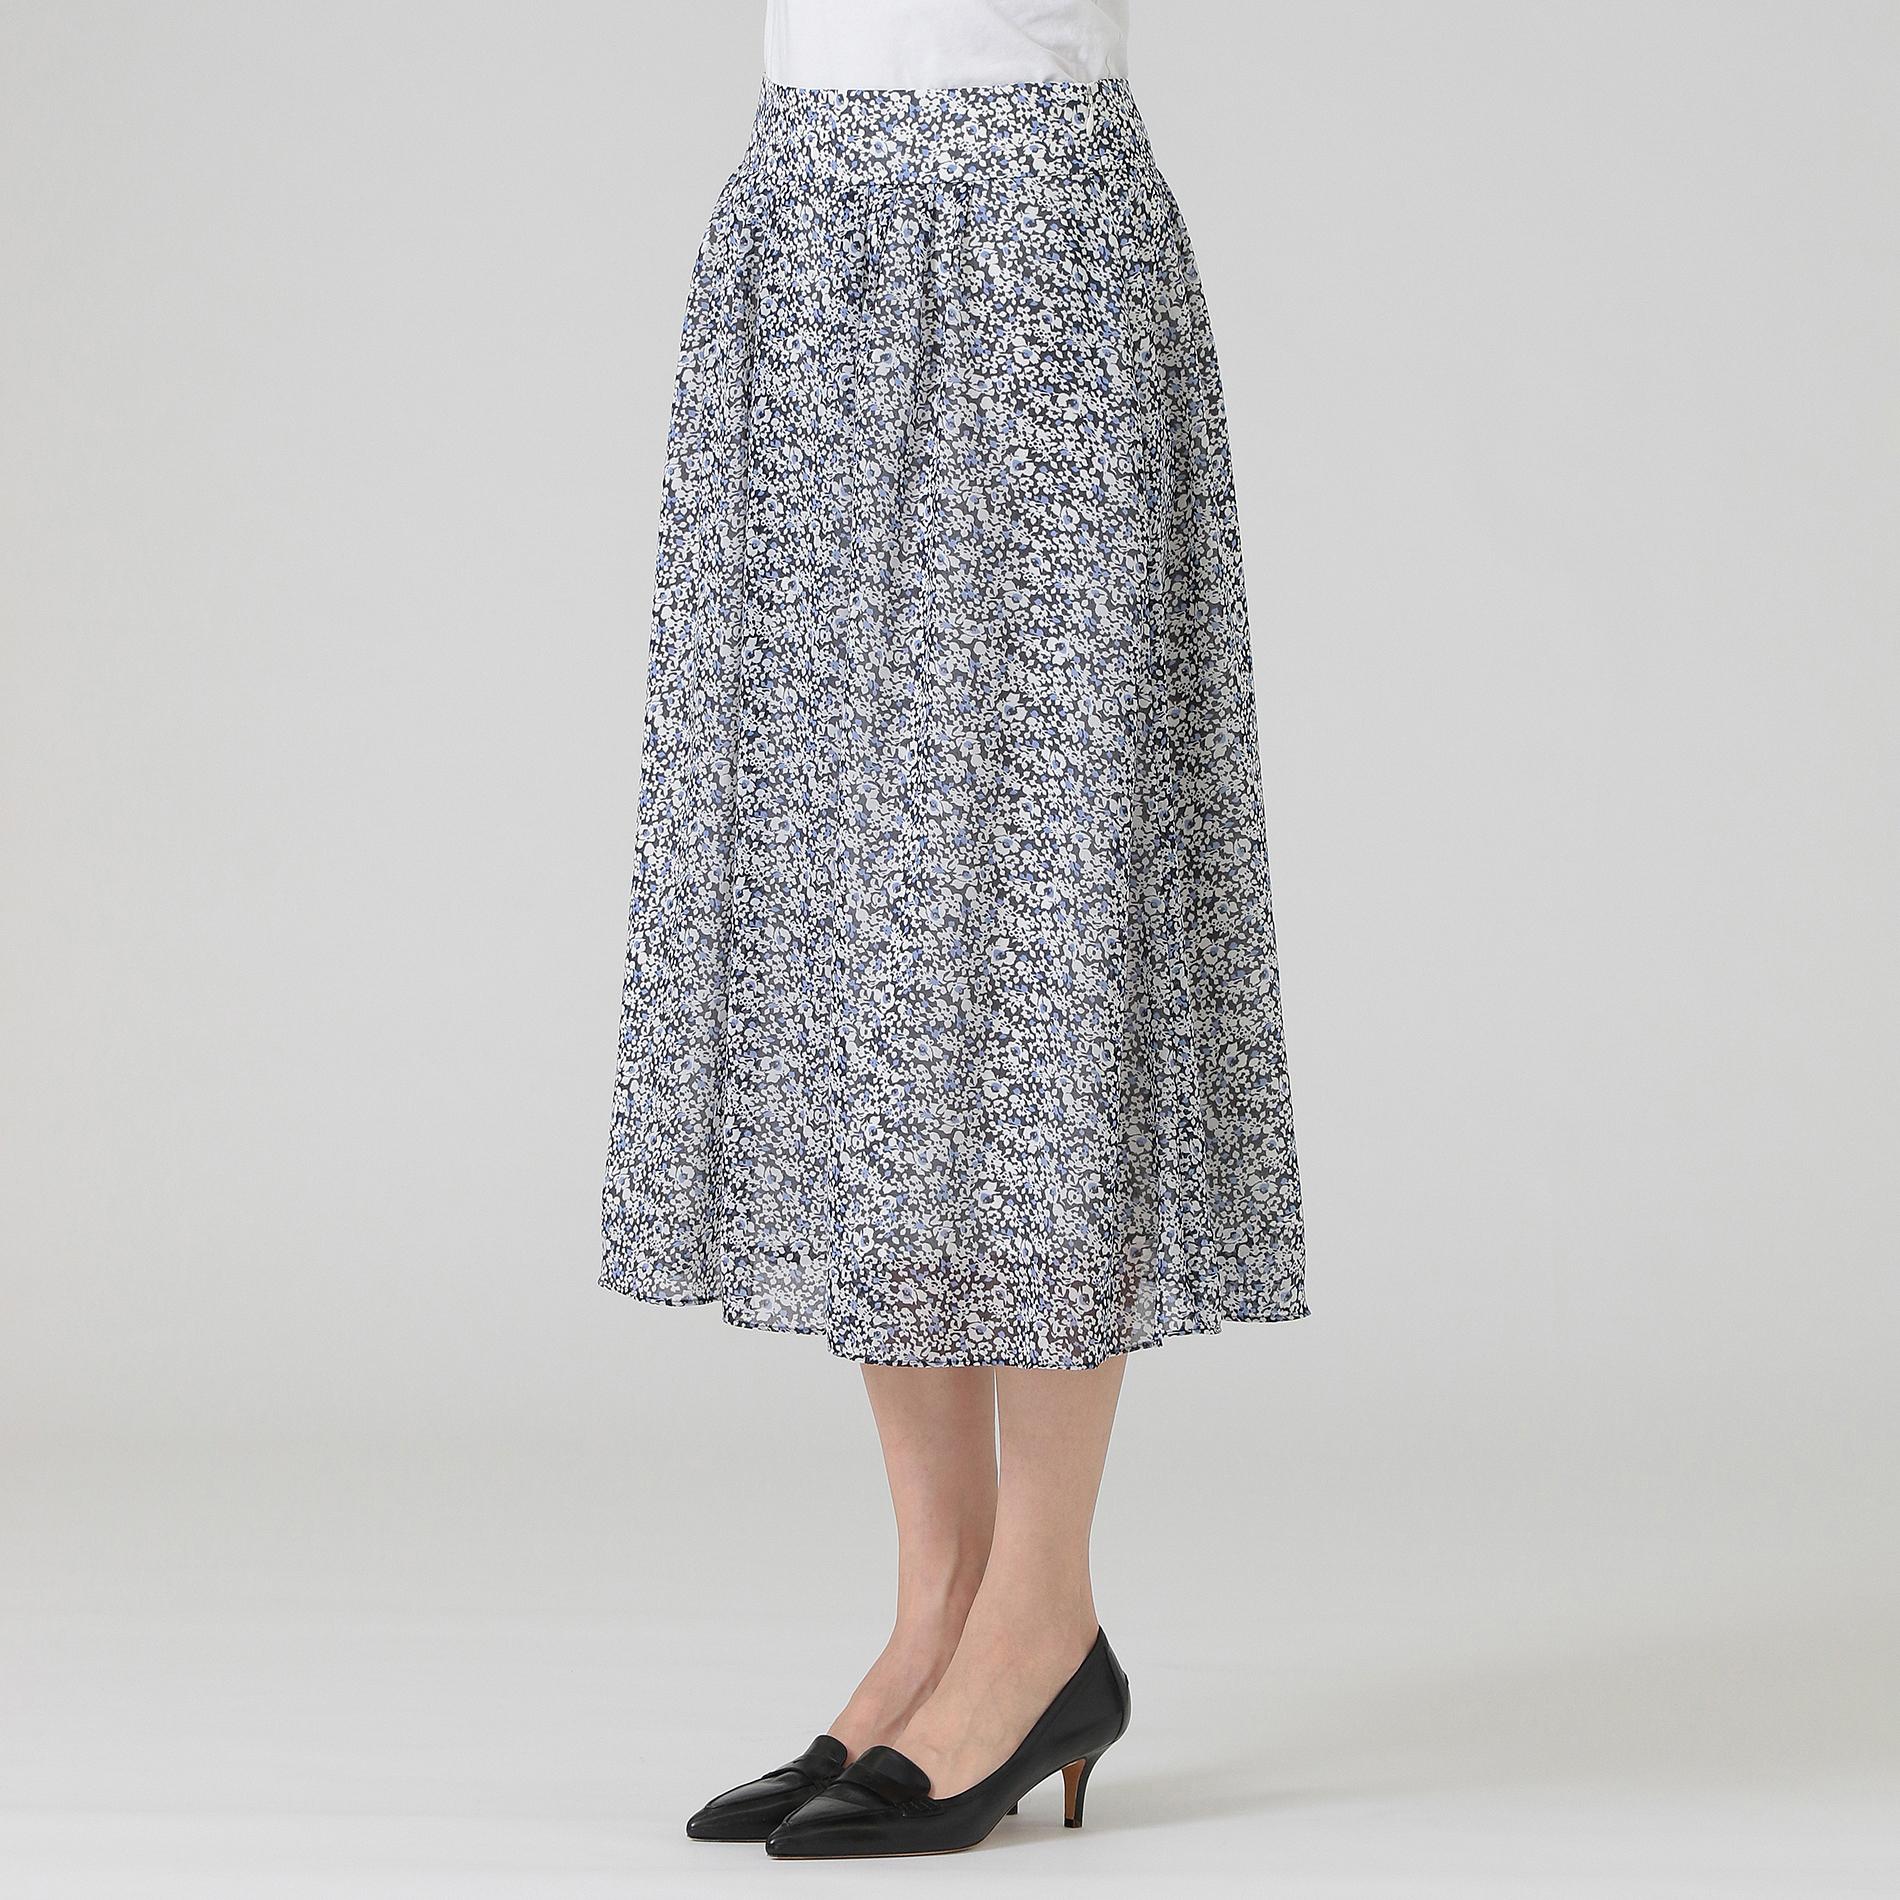 ガーデンローズドビーシフォンスカート